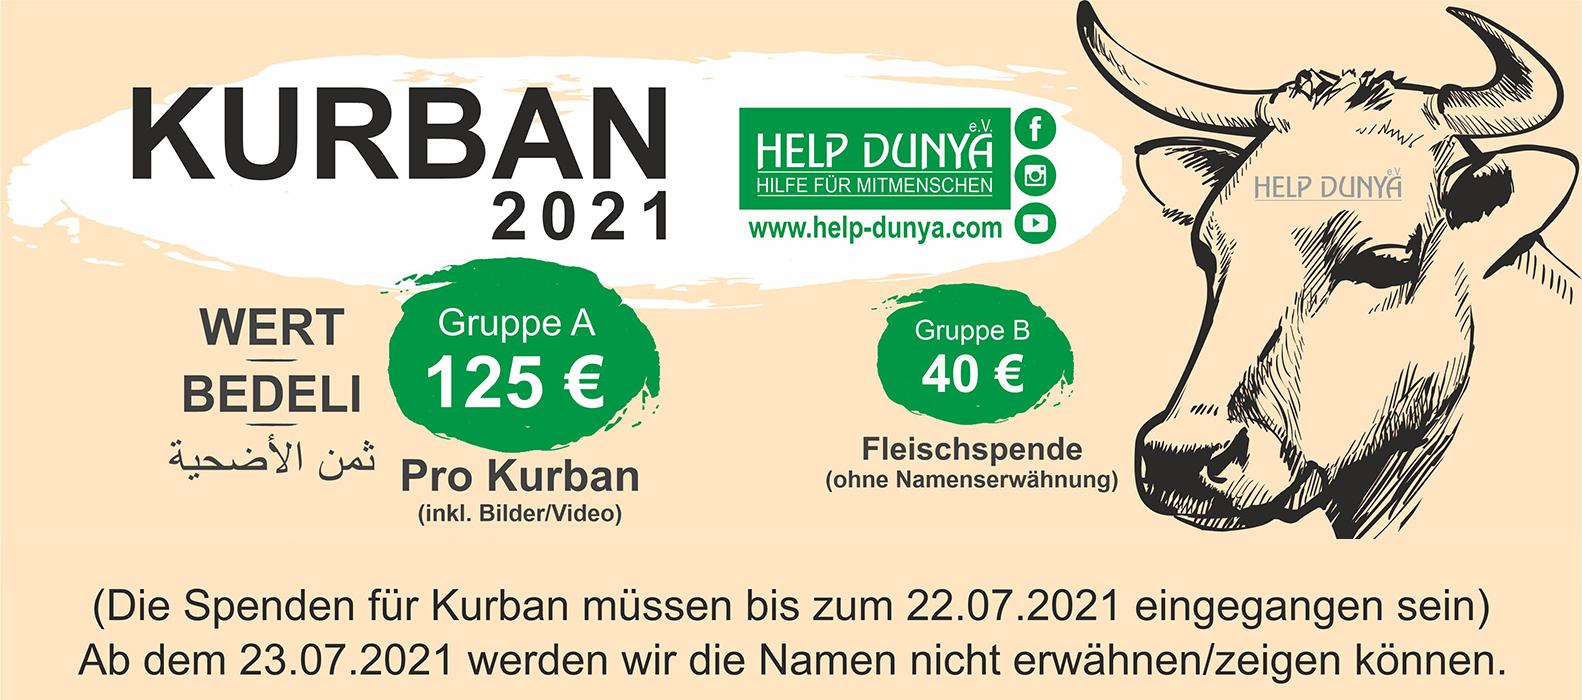 Help Dunya Kurban 2021